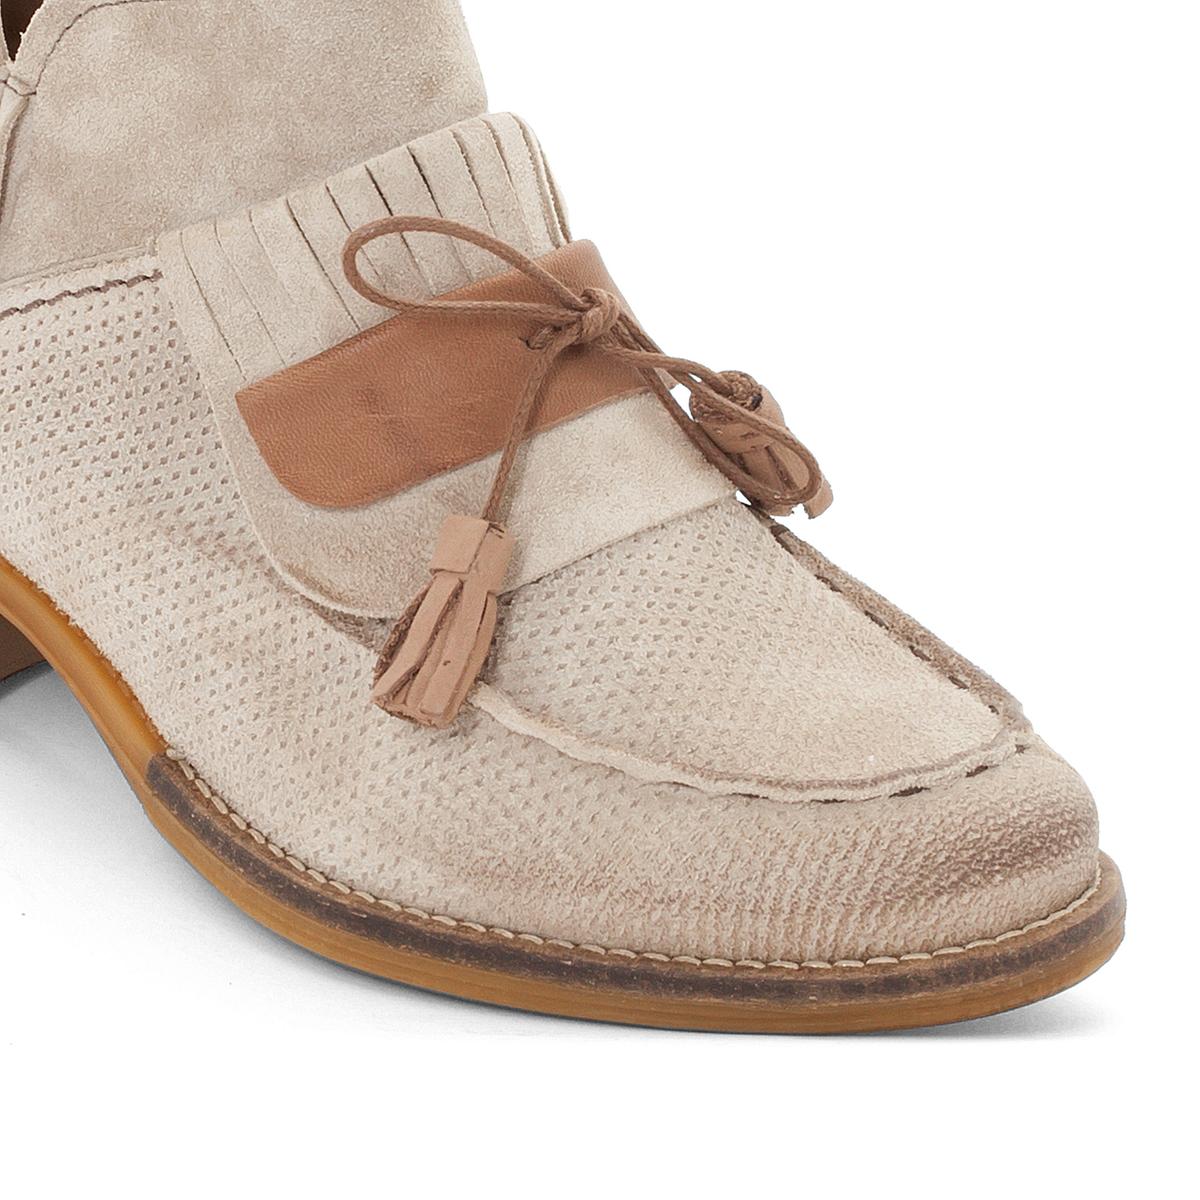 Ботильоны кожаные PorterВерх : кожа   Подкладка : кожа   Стелька : кожа   Подошва : резина   Высота каблука : 1,5 см   Форма каблука : плоский каблук   Мысок : закругленный мысок  Застежка : молния<br><br>Цвет: серо-коричневый<br>Размер: 38